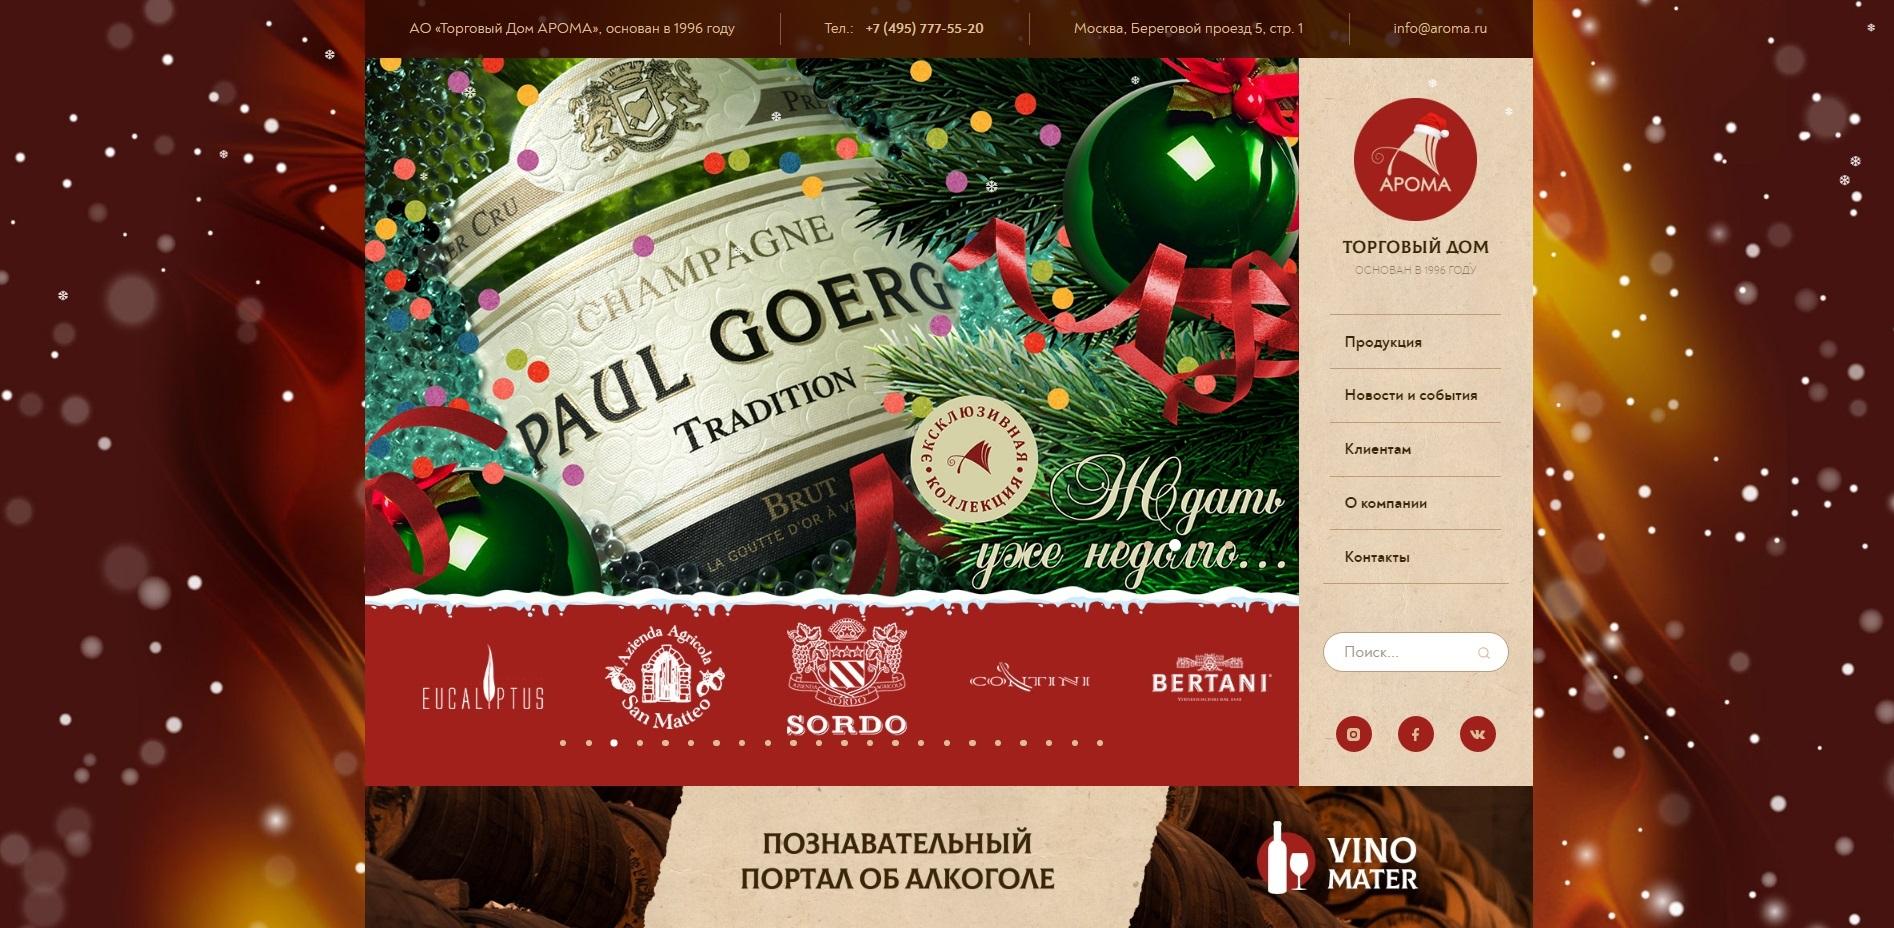 Оформление сайта перед Новогодними праздниками